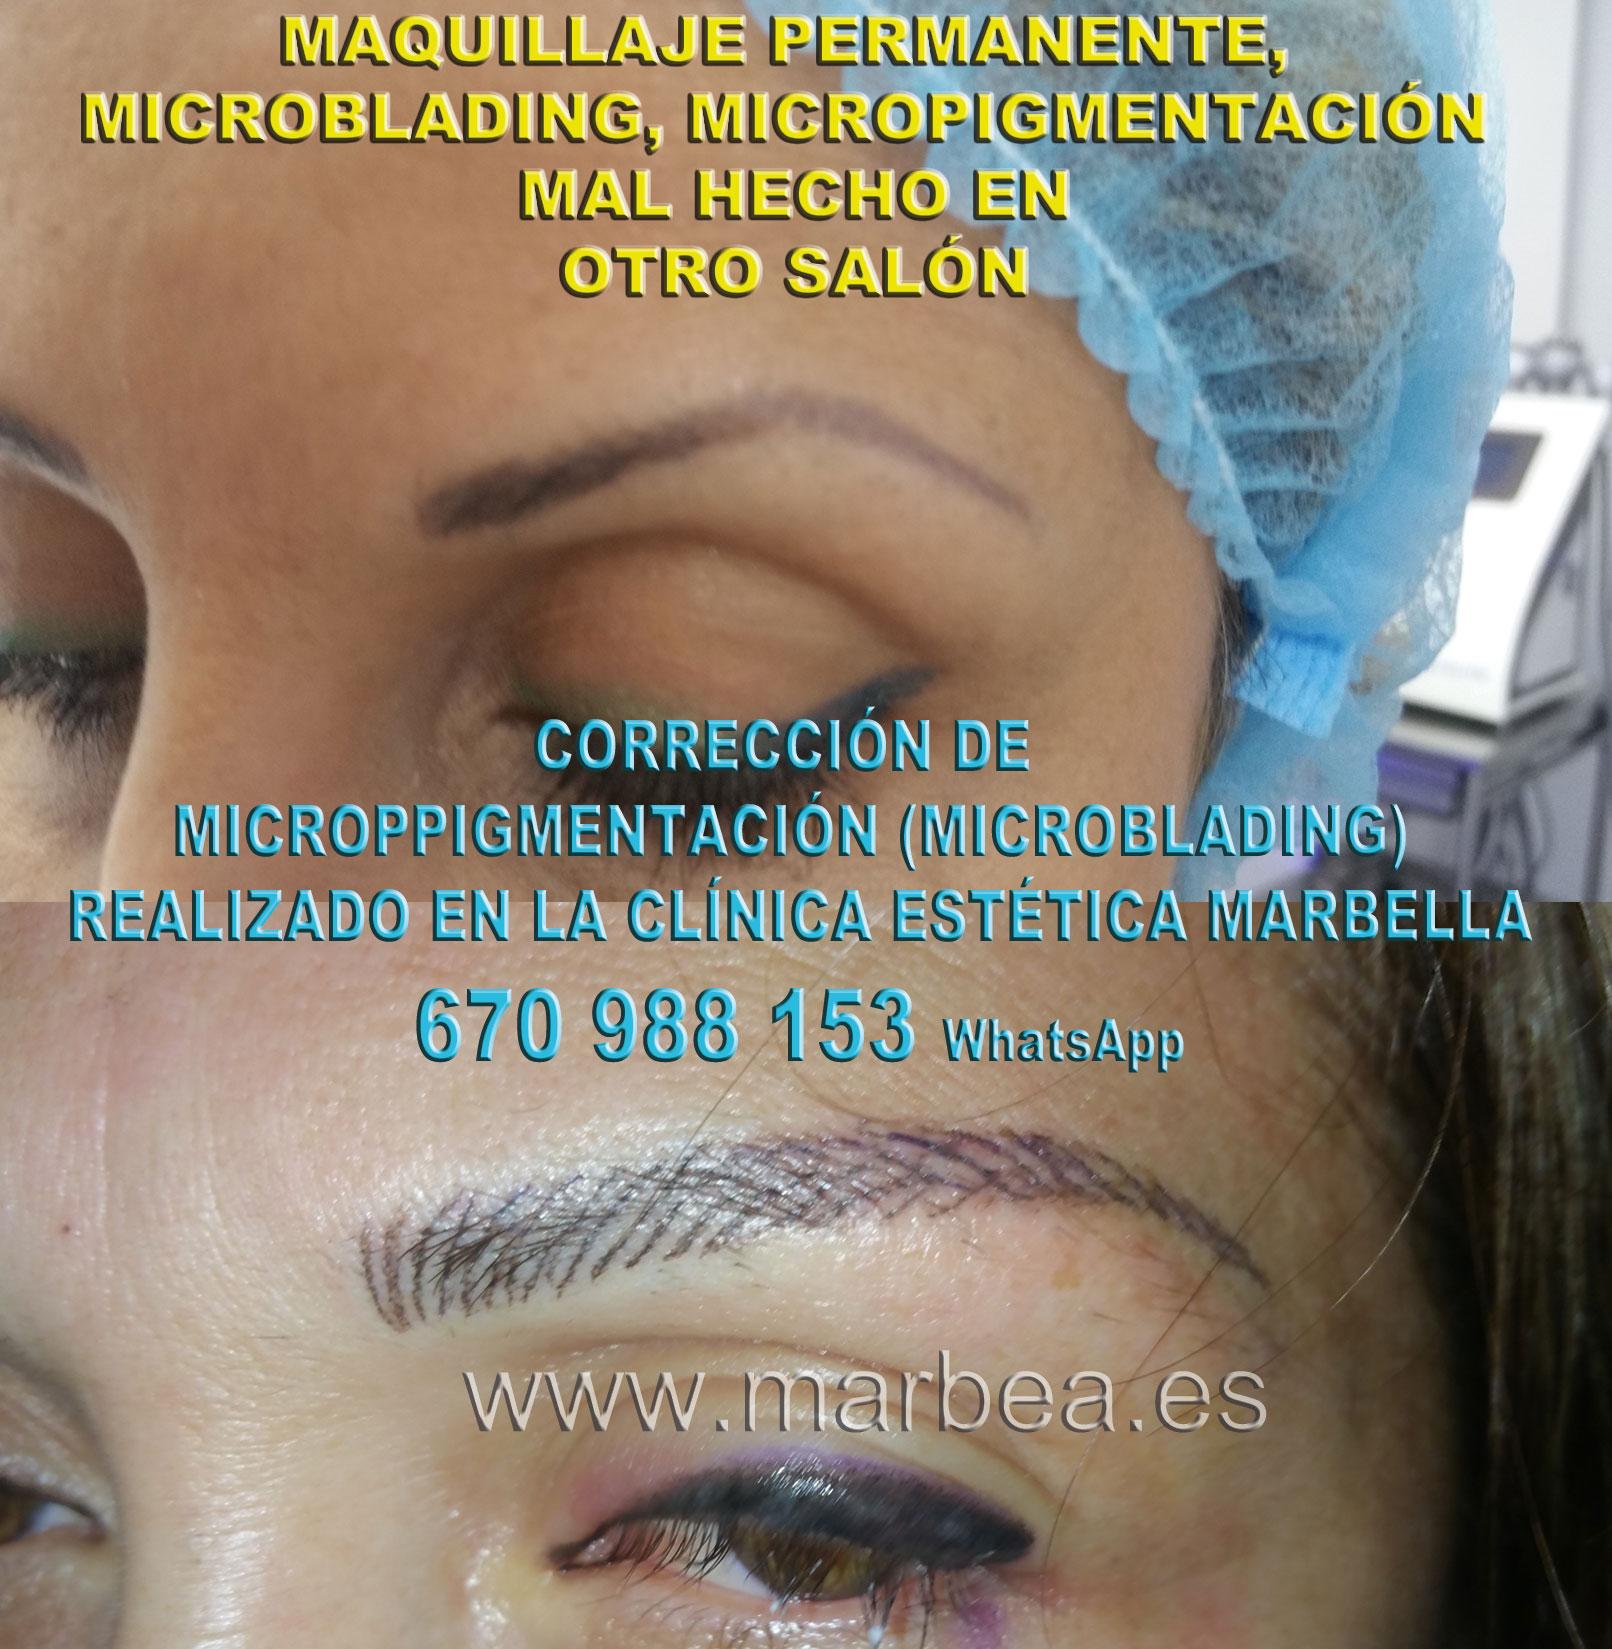 ELIMINAR MICROBLADING CEJAS clínica estética delineados propone como aclarar la micropigmentación cejas,corregir micropigmentación mal hecha